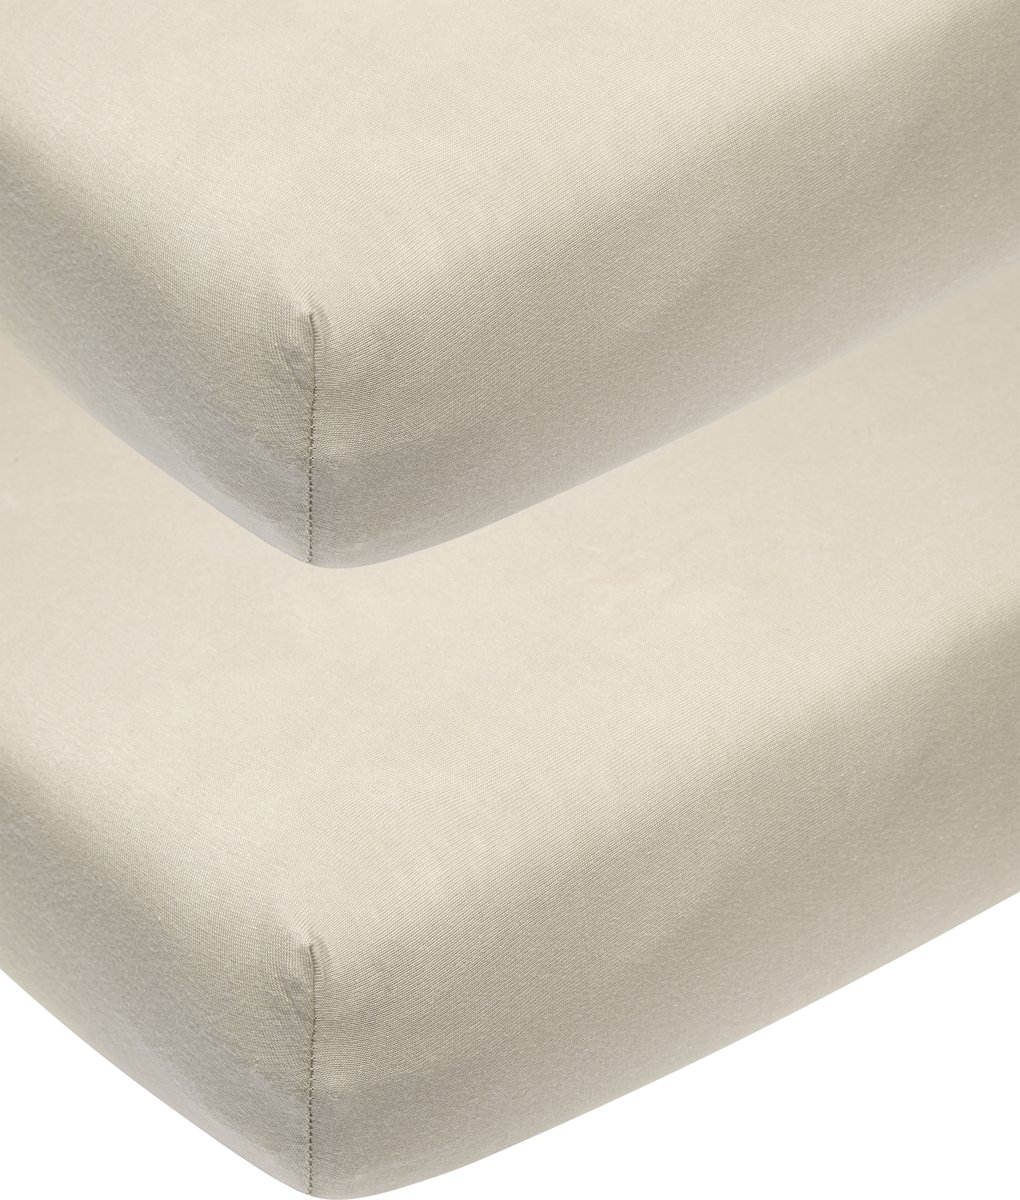 Meyco 2-pack Jersey Hoeslakens Ledikant - 60x120 cm - zand